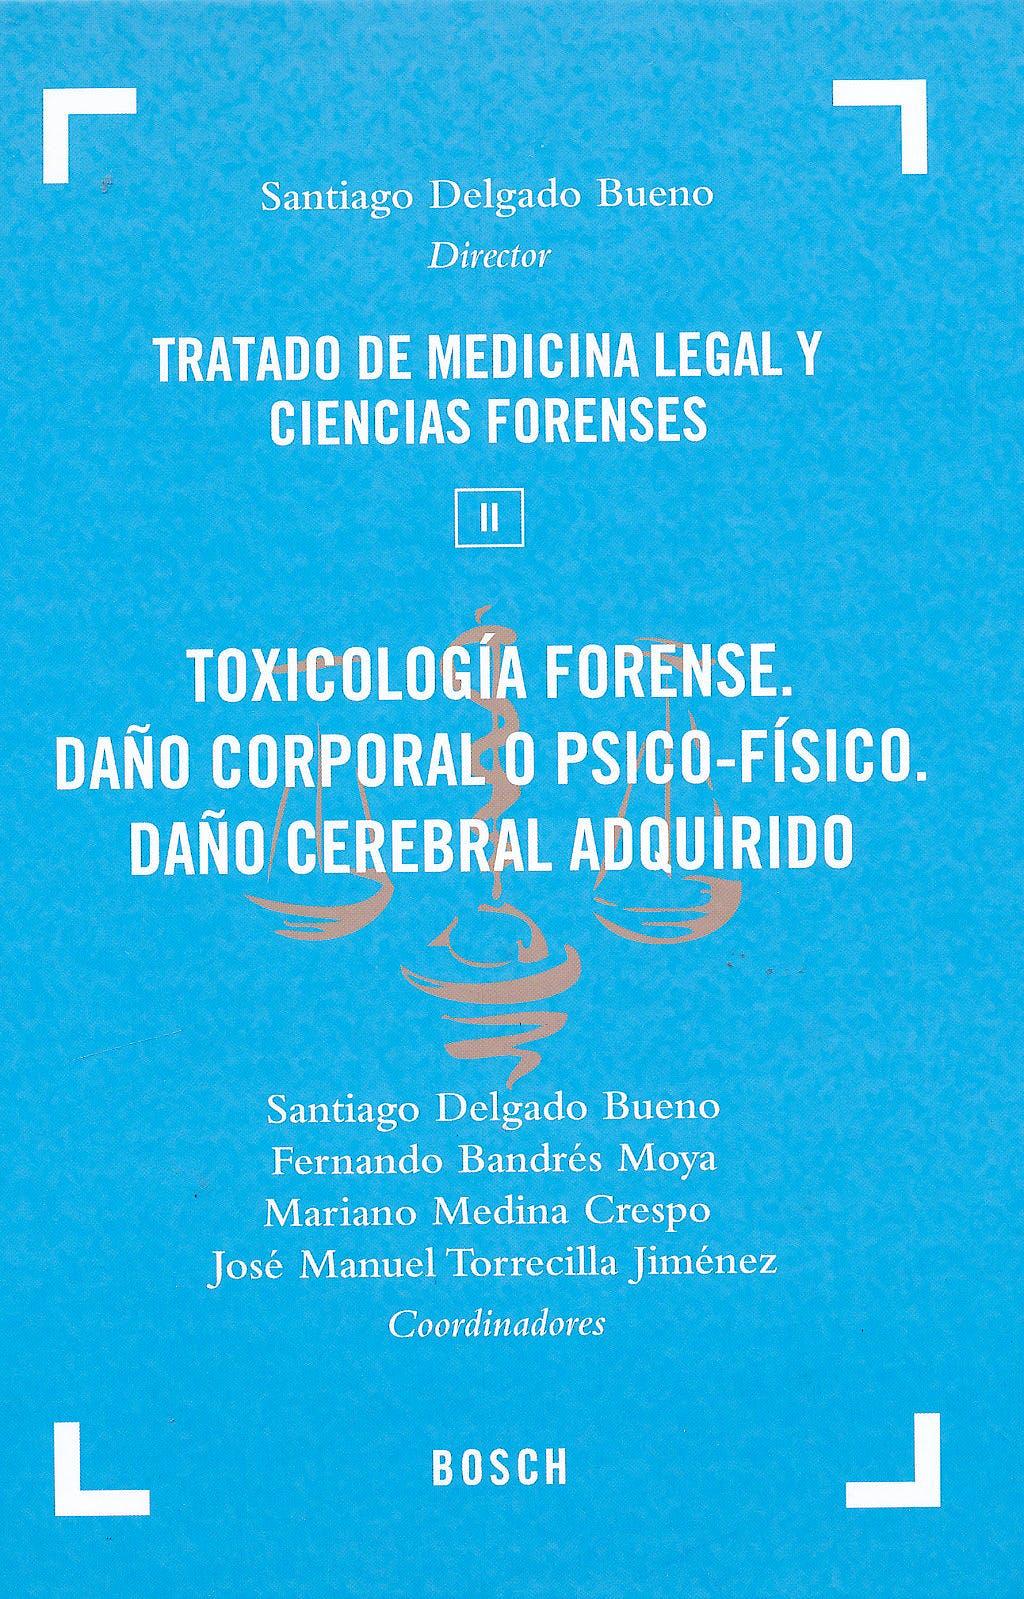 Portada del libro 9788497905695 Tratado de Medicina Legal y Ciencias Forenses, Tomo II: Toxicología Forense. Daño Corporal o Psico-Físico. Daño Cerebral Adquirido